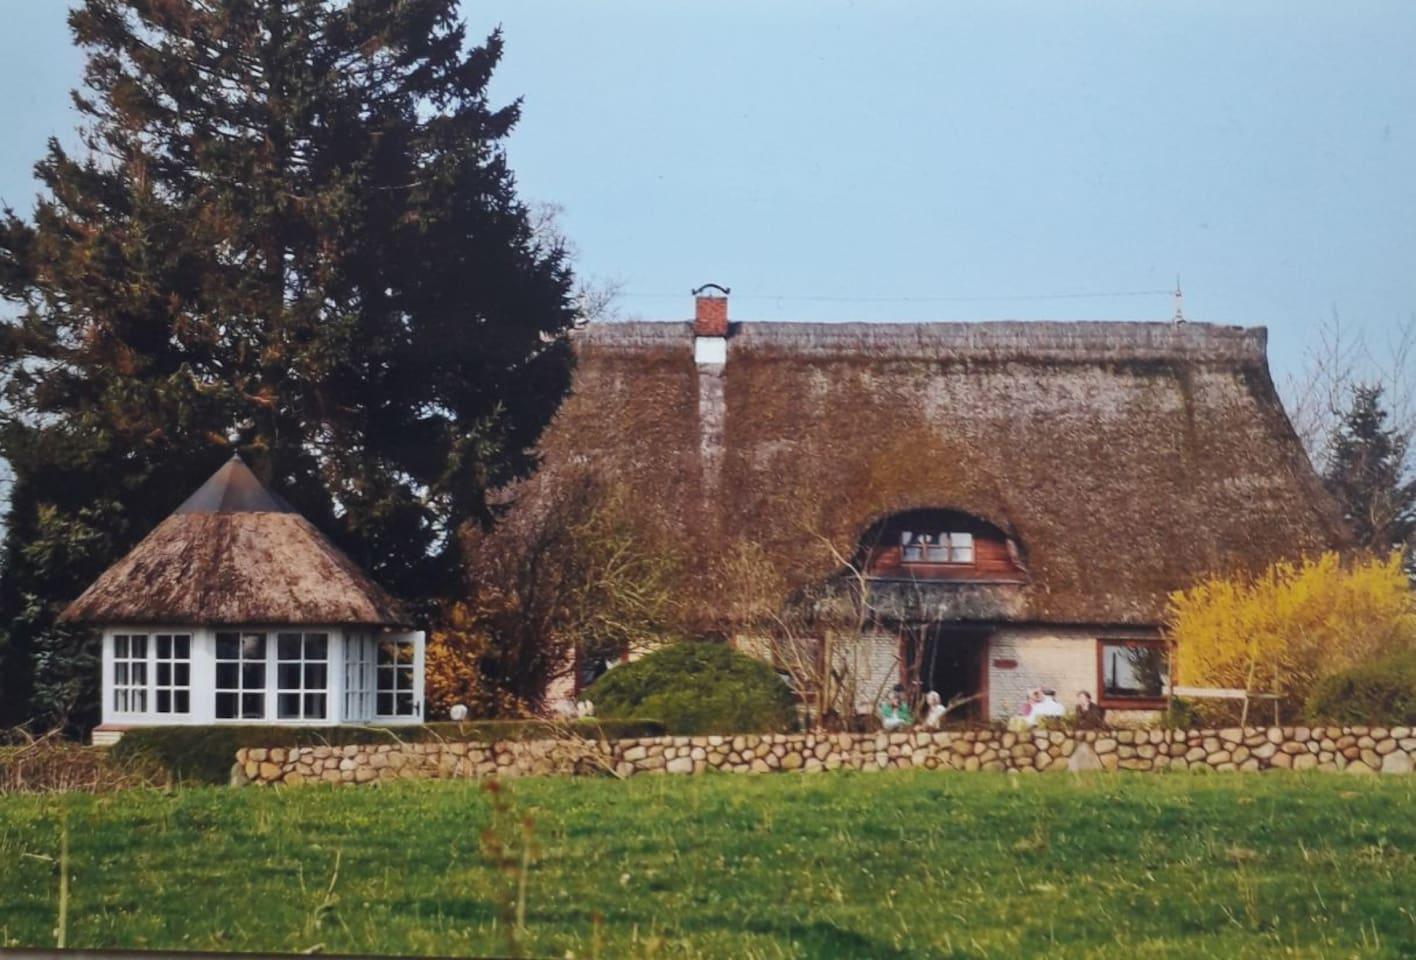 Gemütliches Reetdach-       Haus in Schleinähe in        Brodersby Ortsteil Geel EINTELBETT  27 €     DOPPELBETT  35 € evtl.  zusaetzlich  1 x ĢAESTEBETT    6 €